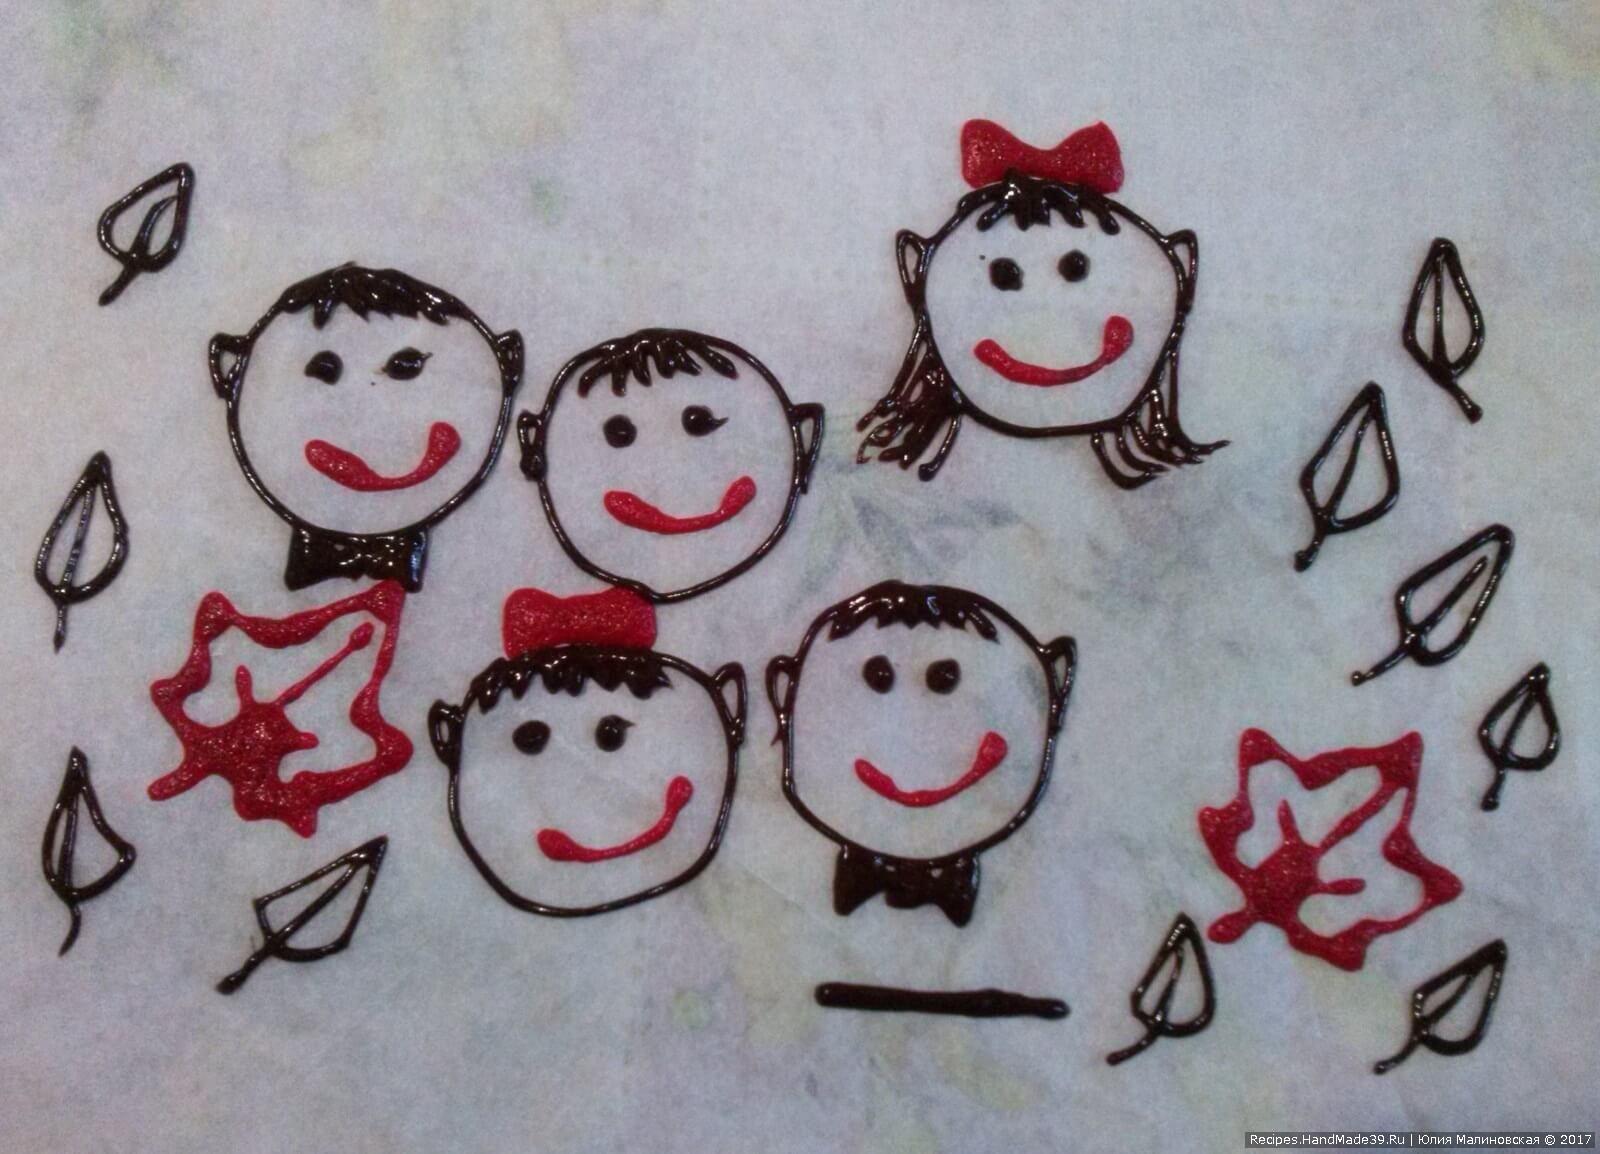 Достаём и рисуем коричневым тестом контур лица, глаза, бабочки мальчикам, волосы, уши и контур листьев